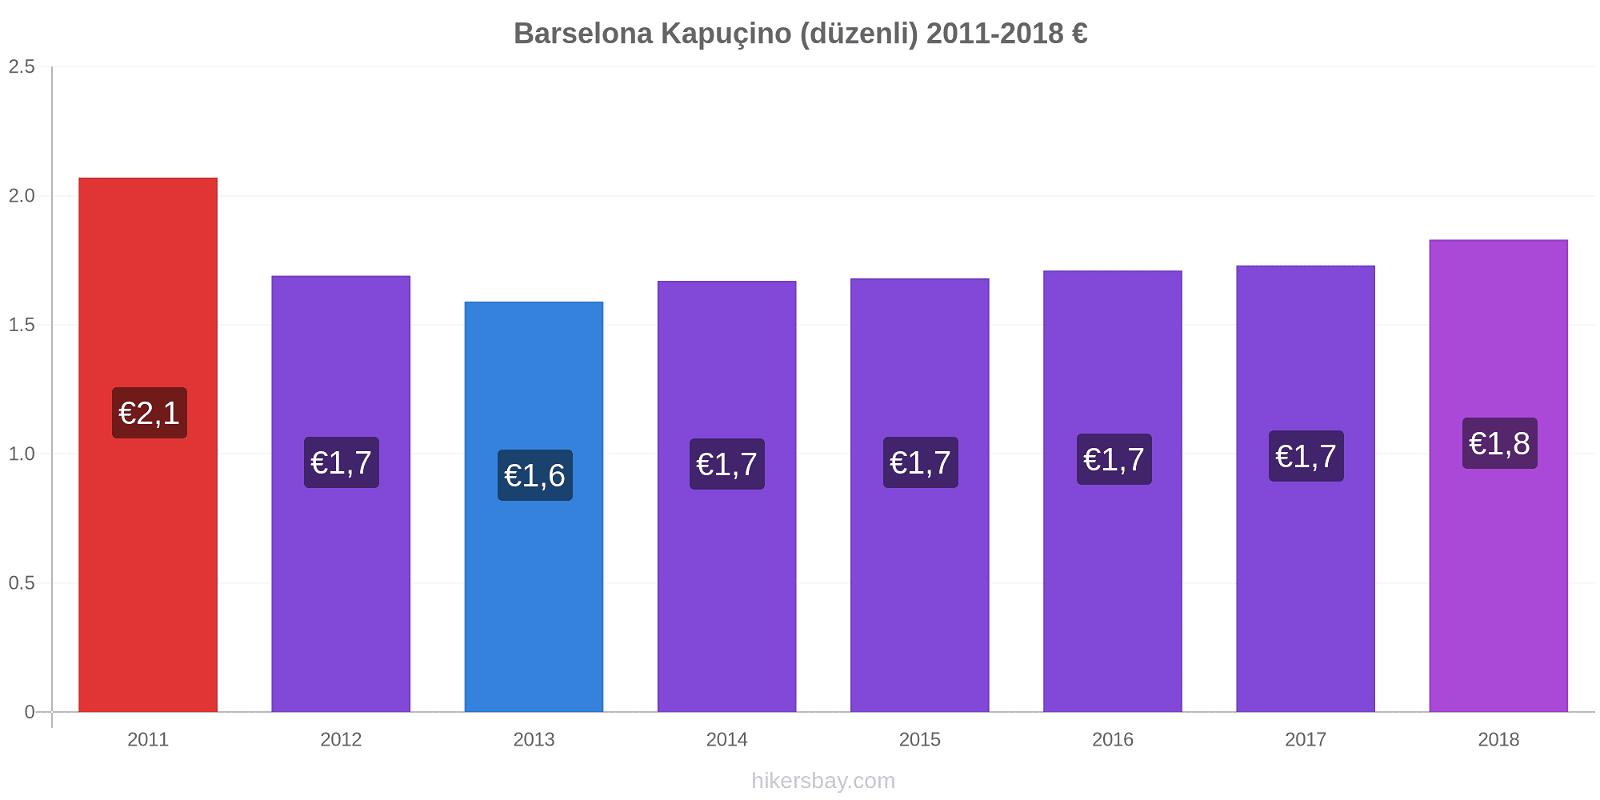 Barselona fiyat değişiklikleri Kapuçino (düzenli) hikersbay.com